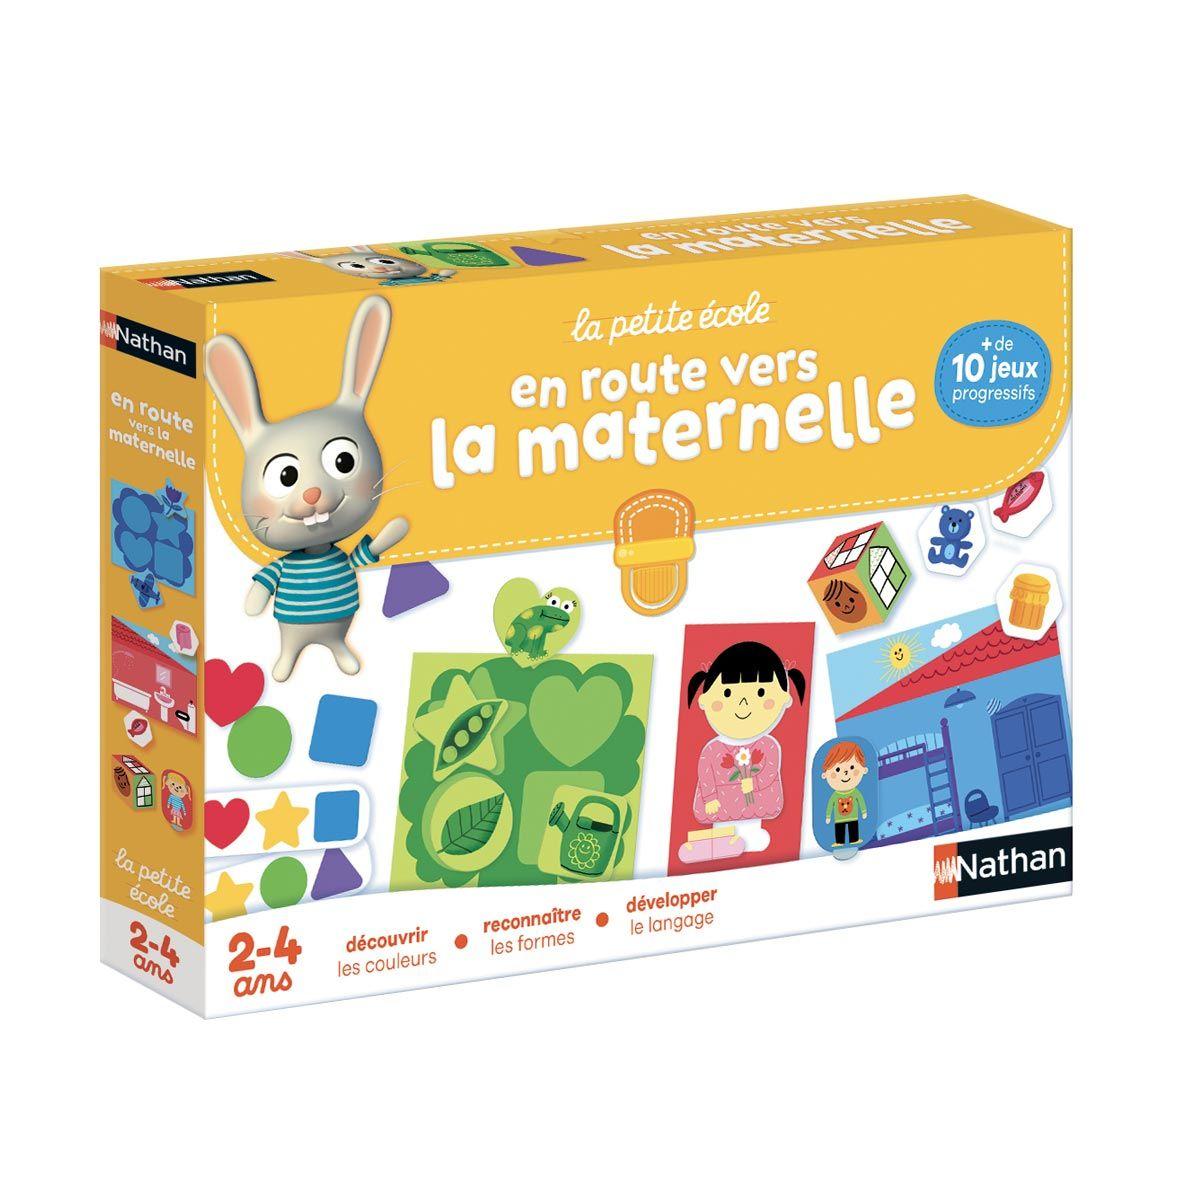 Coffret De Jeux En Route Vers La Maternelle Nathan | Jeux destiné Jeu Educatif 4 Ans